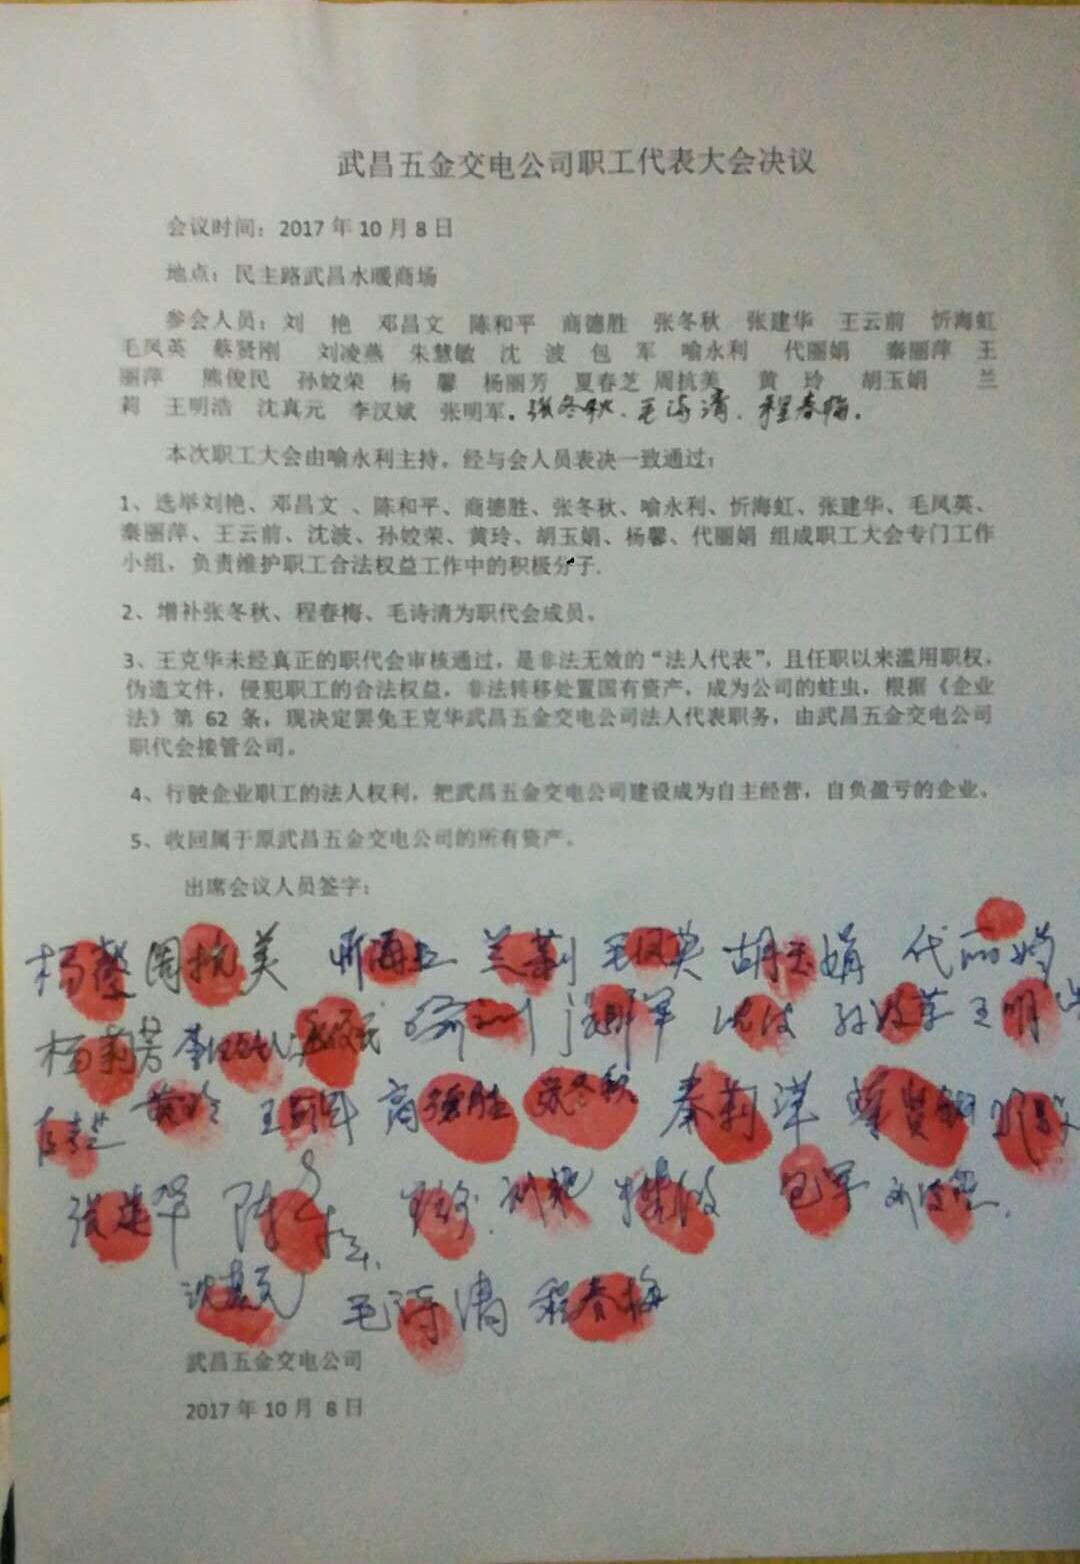 一个共产党人给武昌五金交电公司职工大会的贺信-激流网